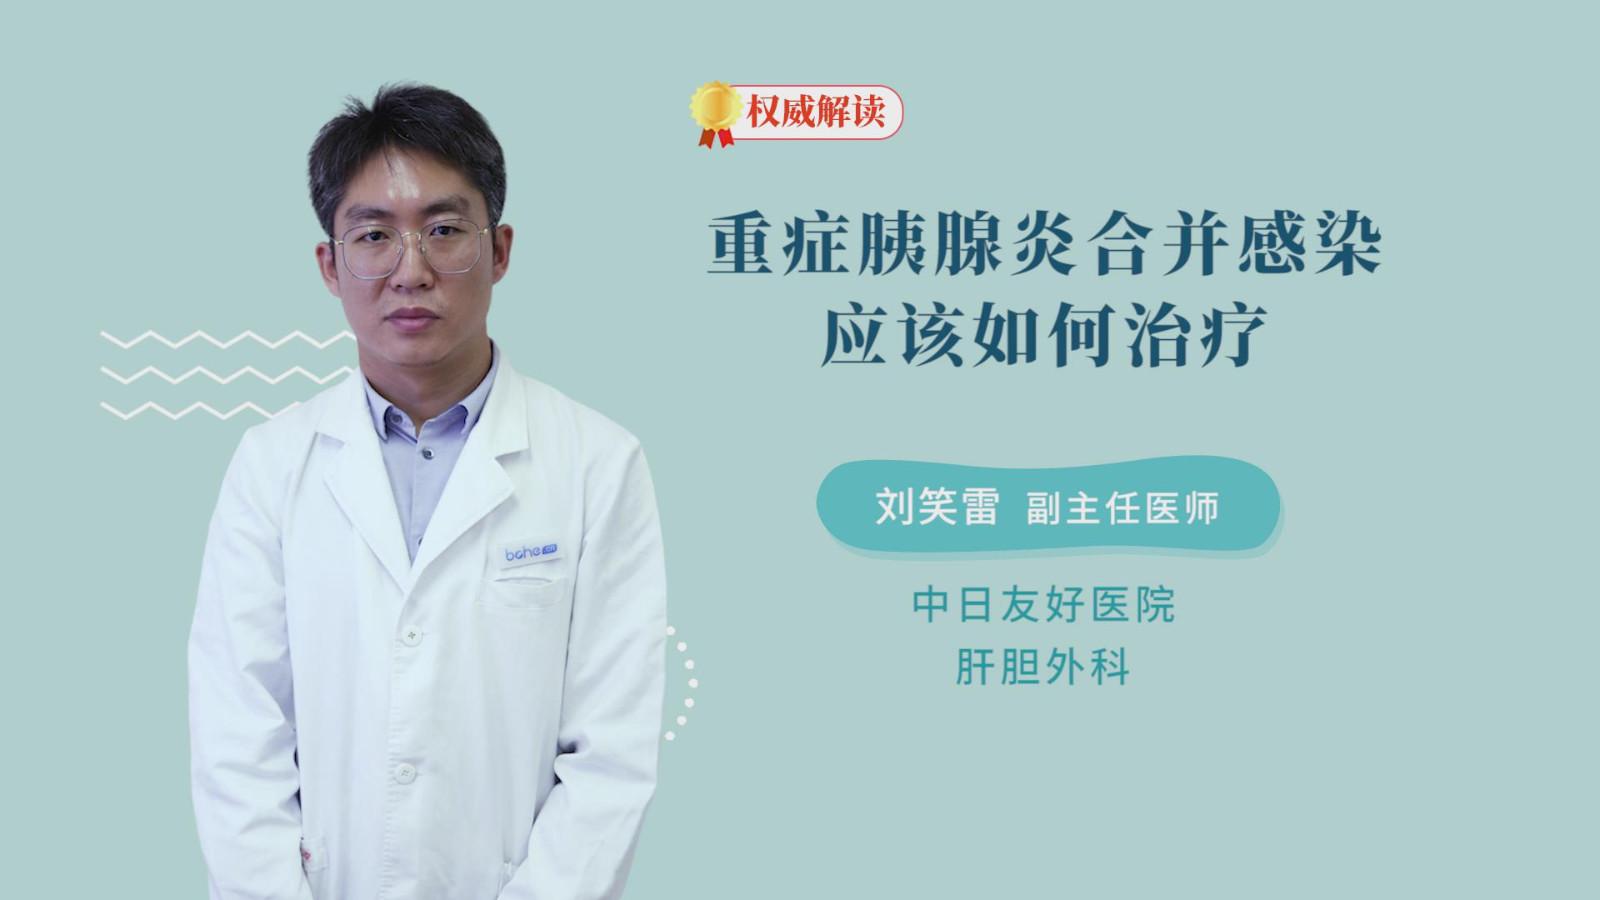 重症胰腺炎合并感染应该如何治疗